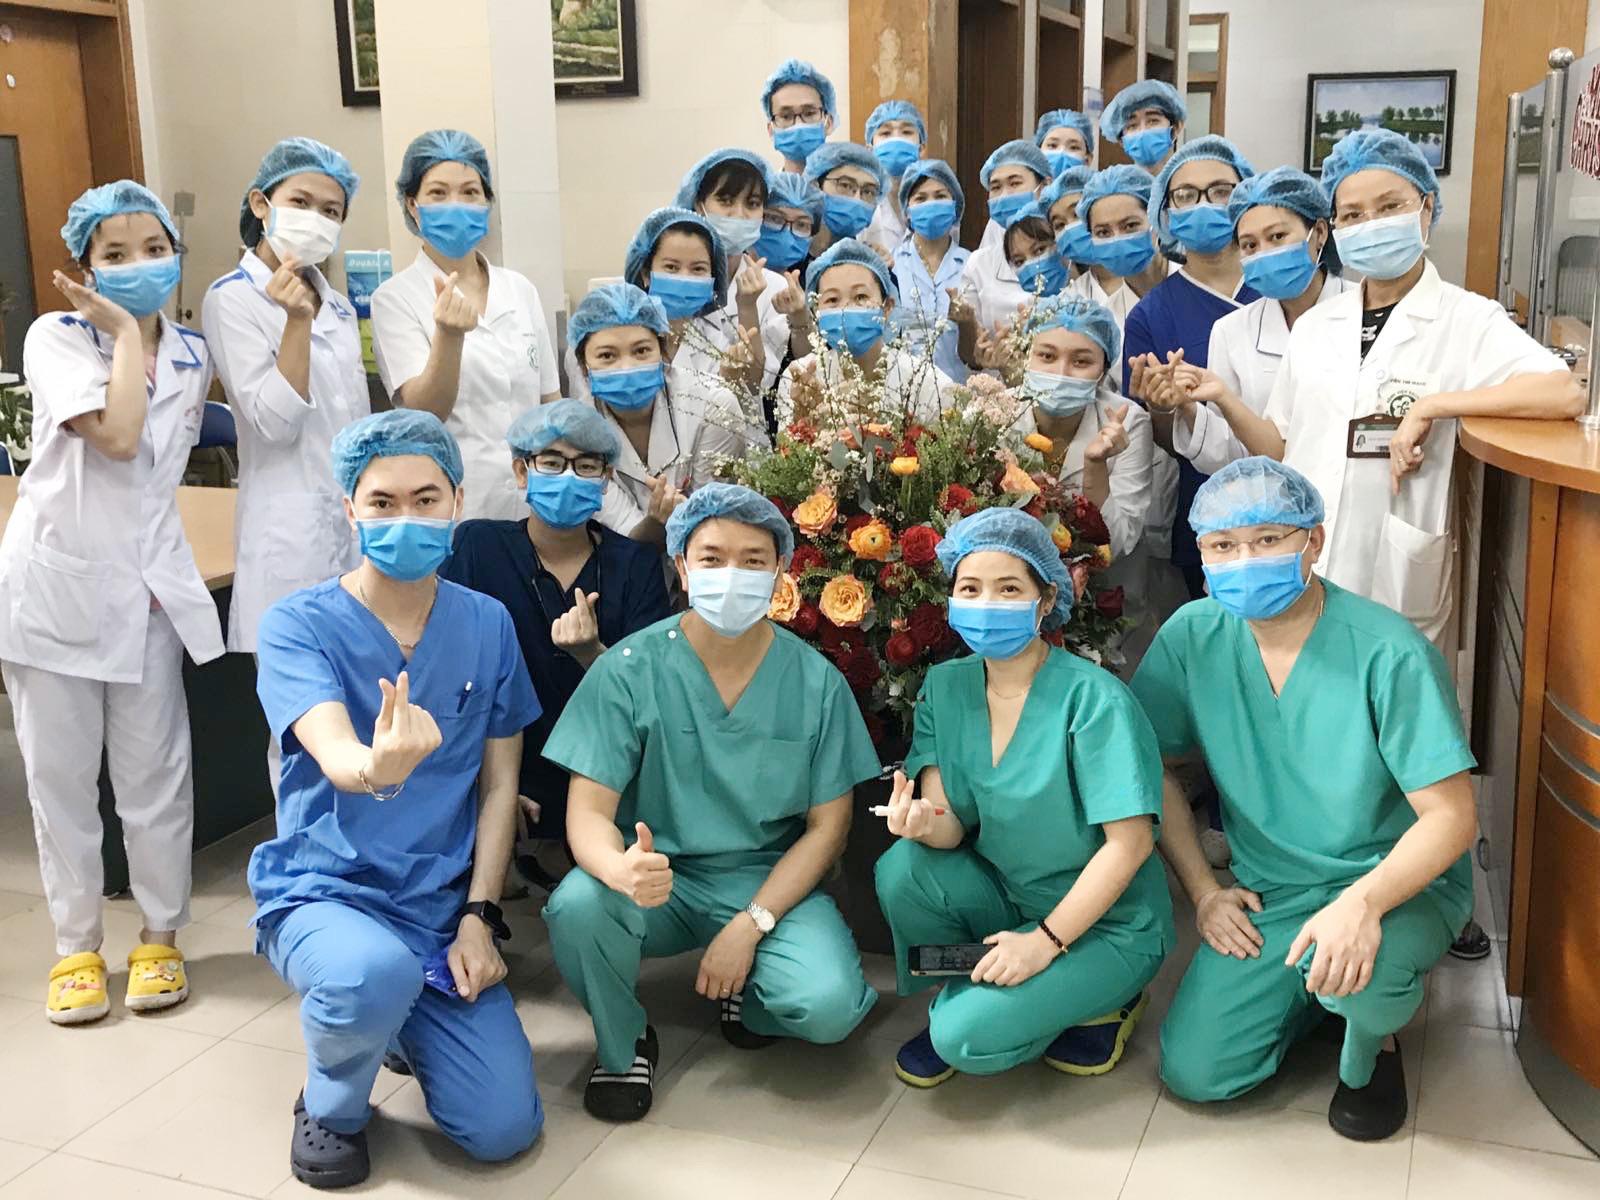 Nữ điều dưỡng mang thai tháng cuối, tình nguyện ở lại Bệnh viện Bạch Mai cùng đồng nghiệp chống dịch - Ảnh 8.